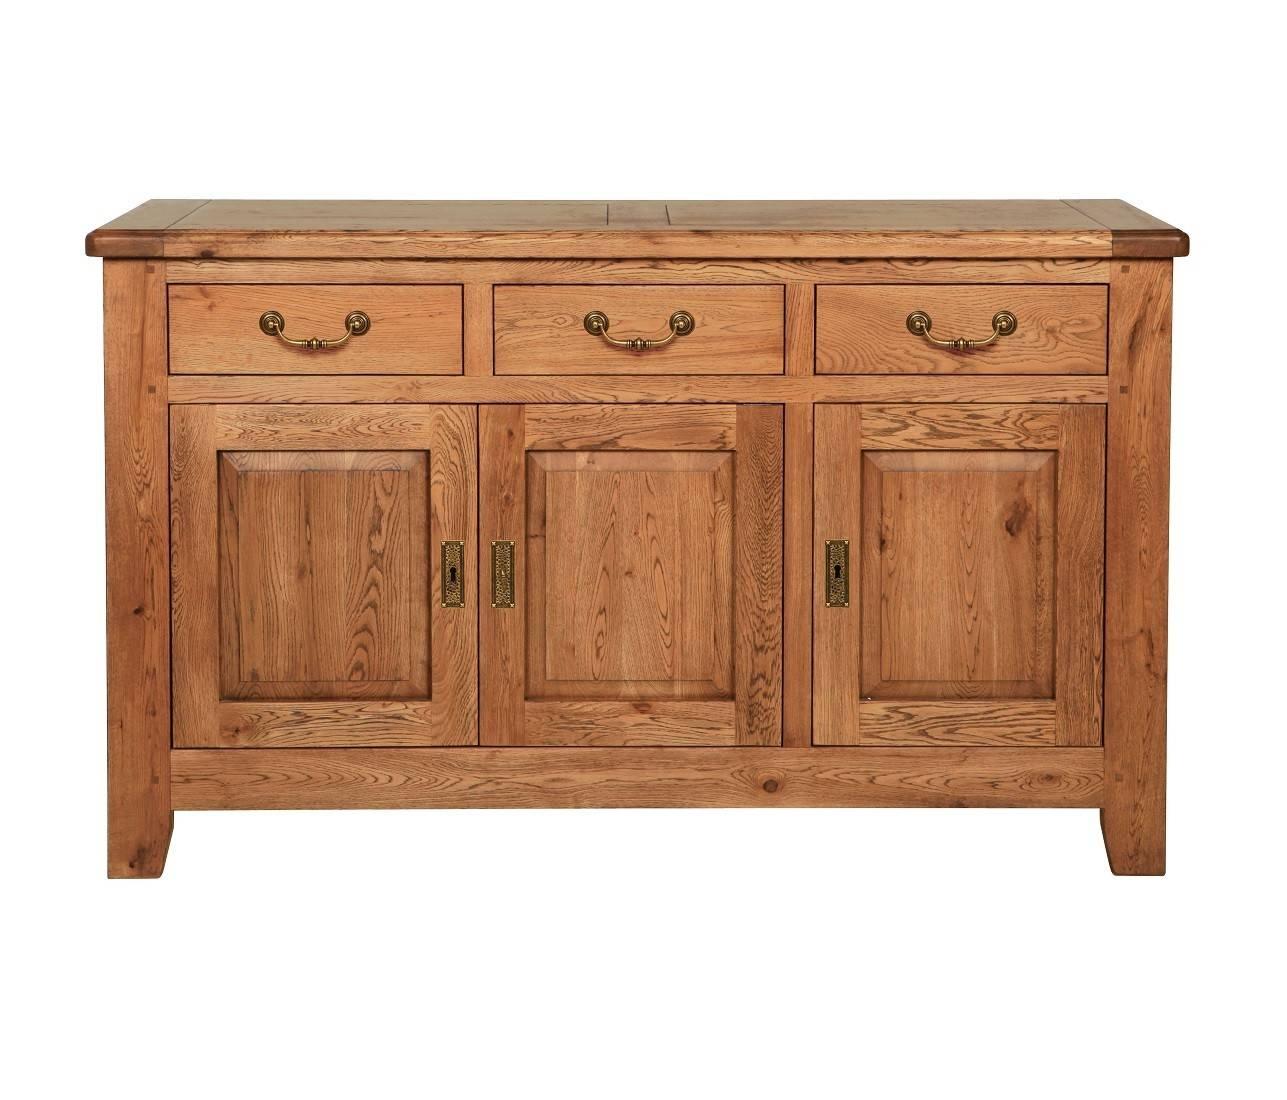 Farmhouse Rustic Oak Large Sideboard | Oak Furniture Uk regarding Rustic Oak Large Sideboards (Image 6 of 15)